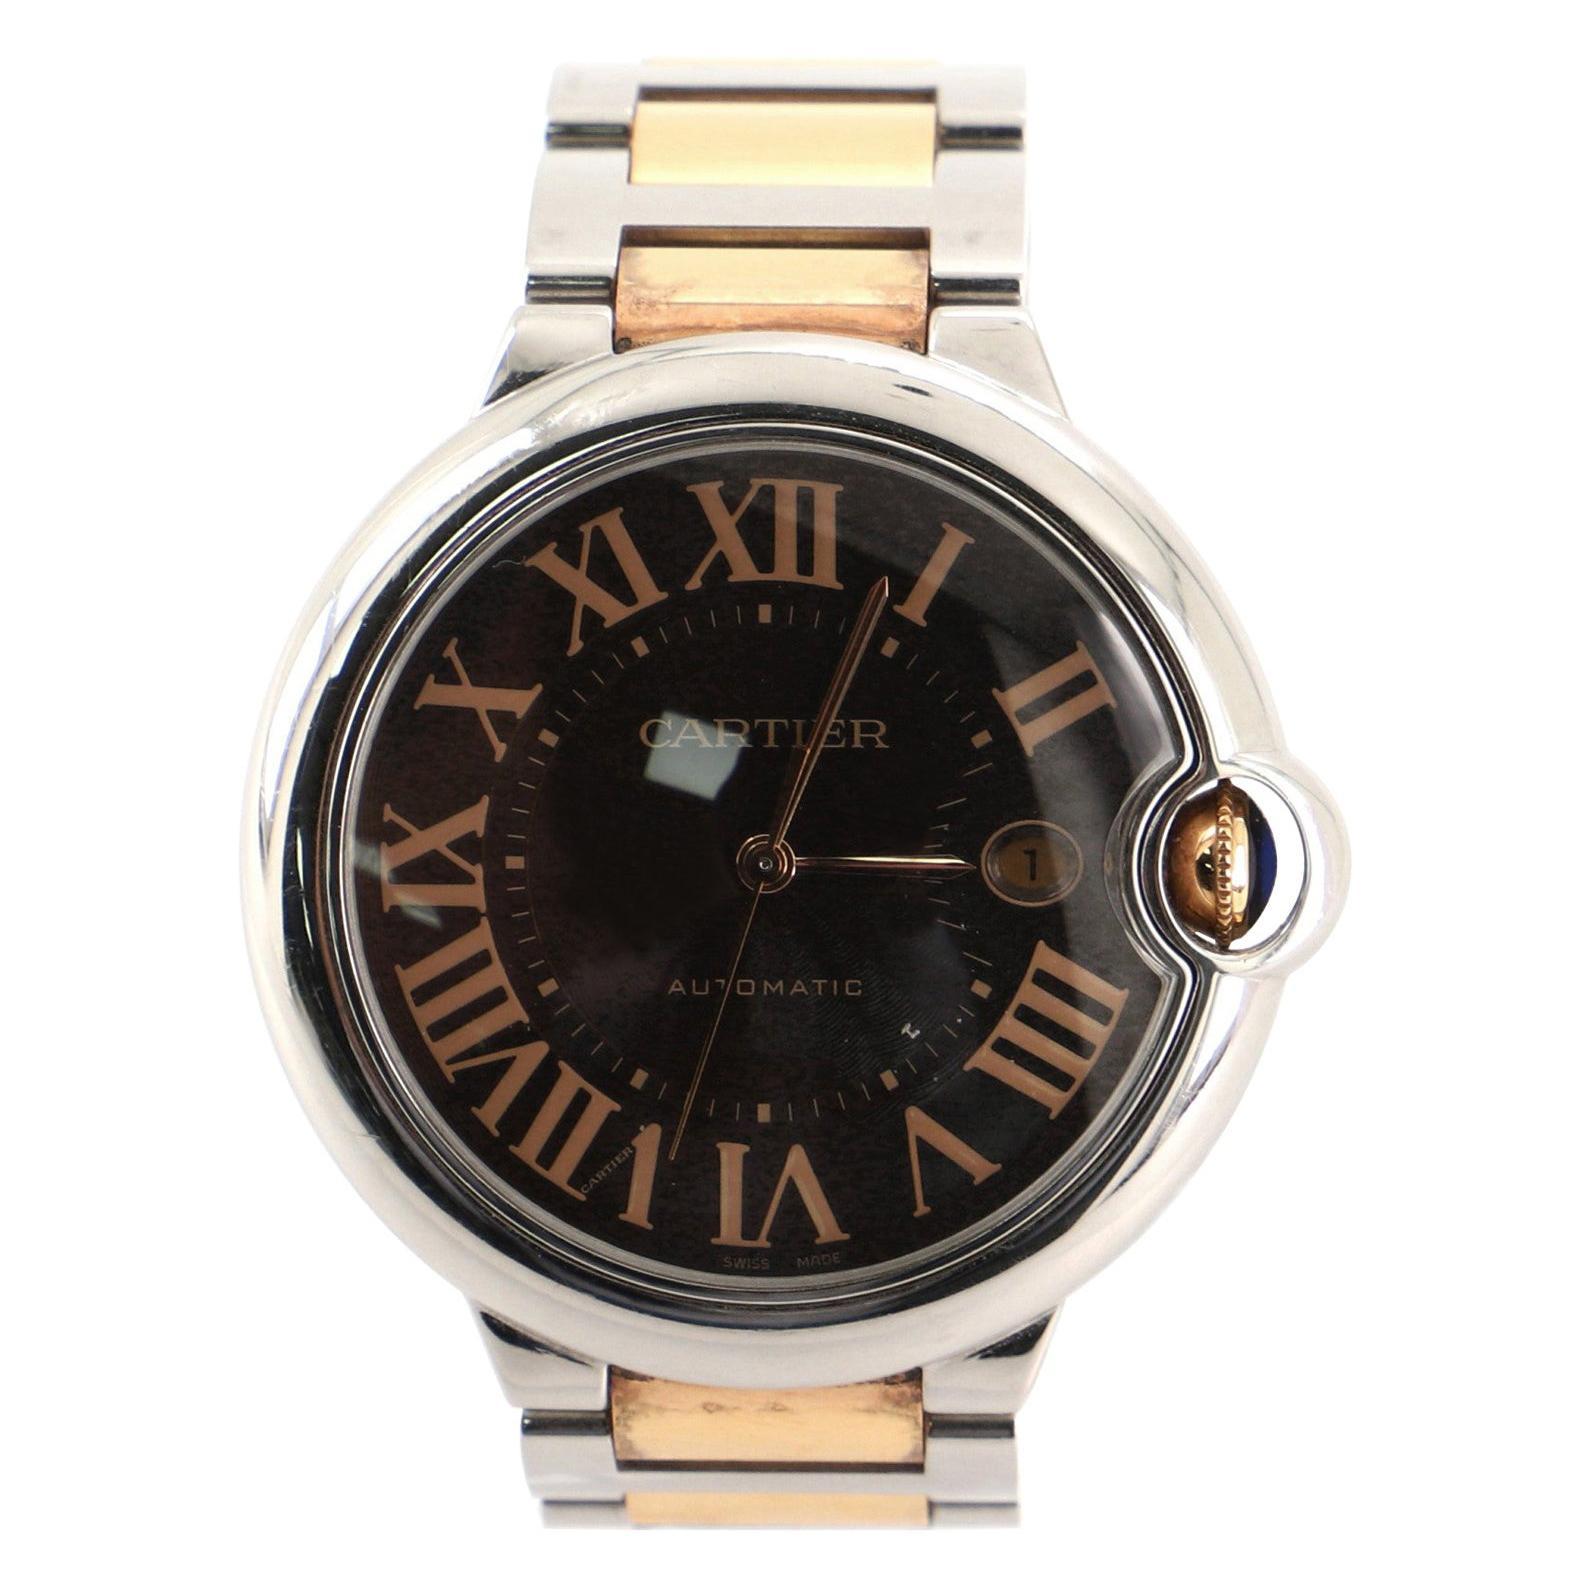 Cartier Ballon Bleu de Cartier Automatic Watch Stainless Steel and Rose Gold